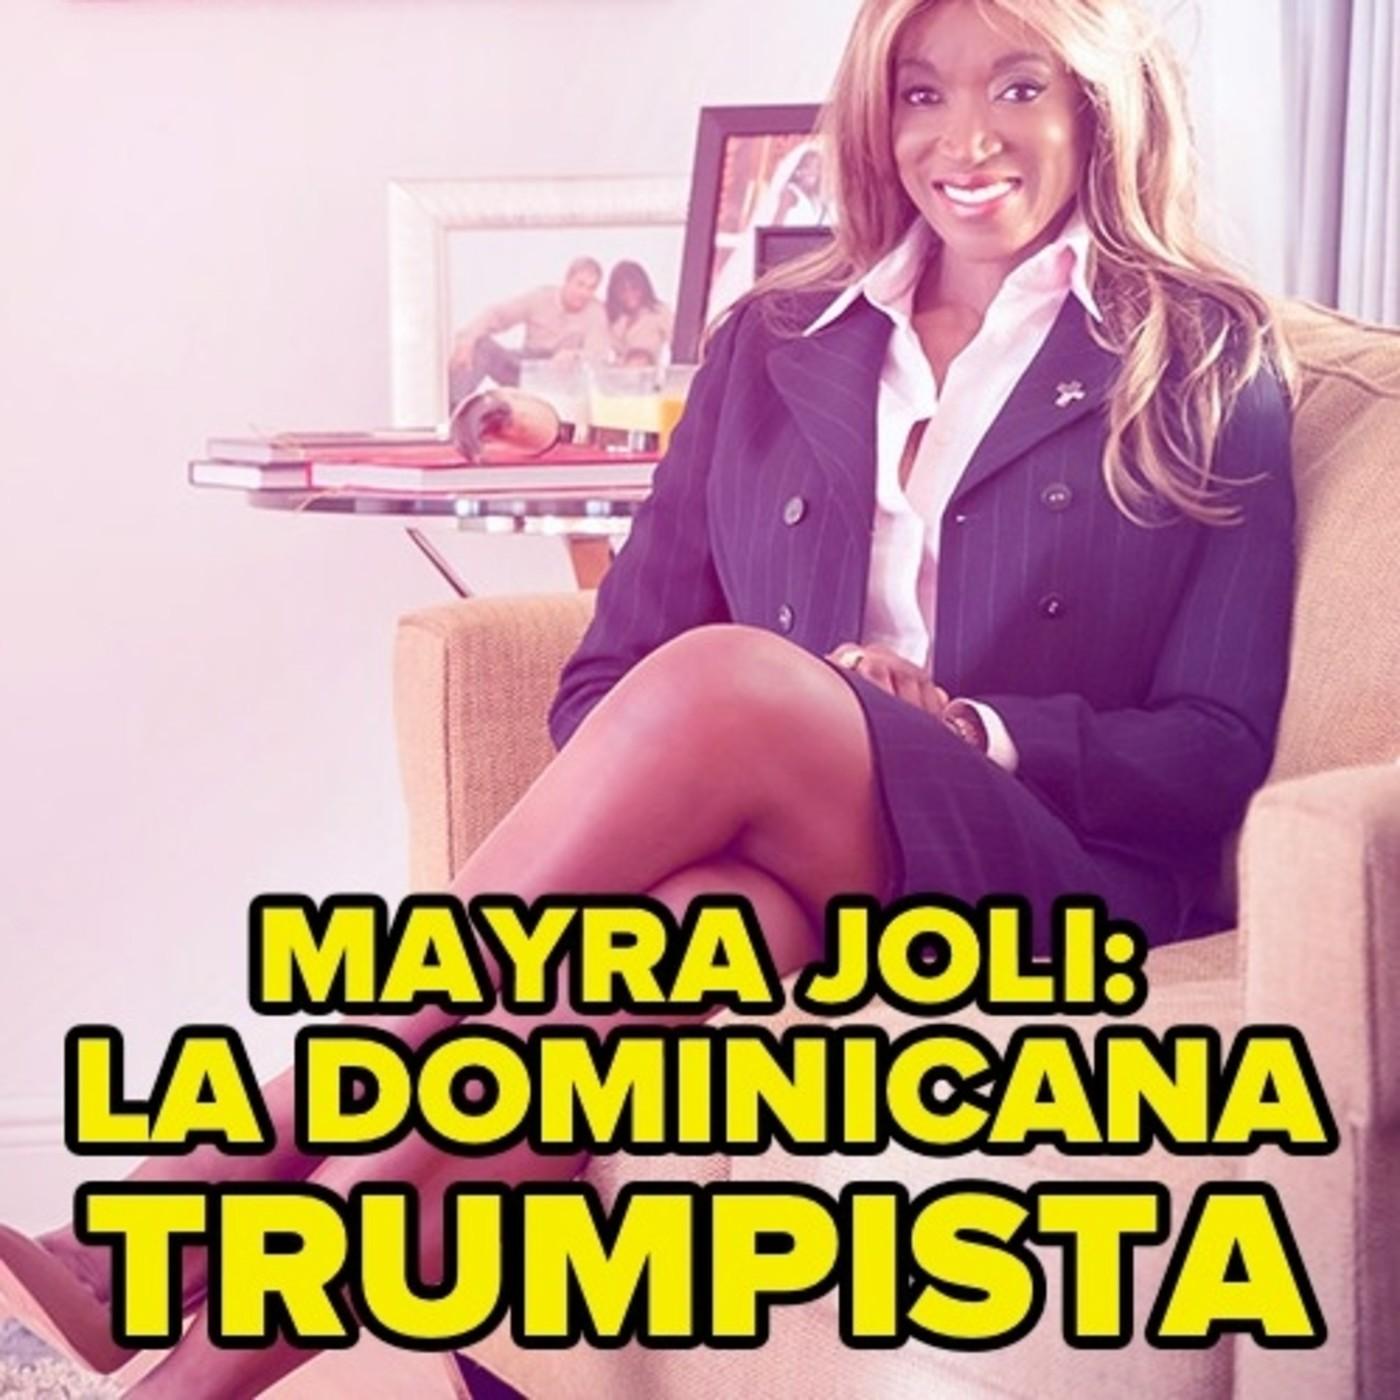 1x03 Elecciones Eeuu 2018 Mayra Joli La Abogada De Caso Cerrado Candidata Para Miami En Fugandbusted Com Radio Show En Mp3 03 10 A Las 12 09 23 07 40 29065325 Ivoox